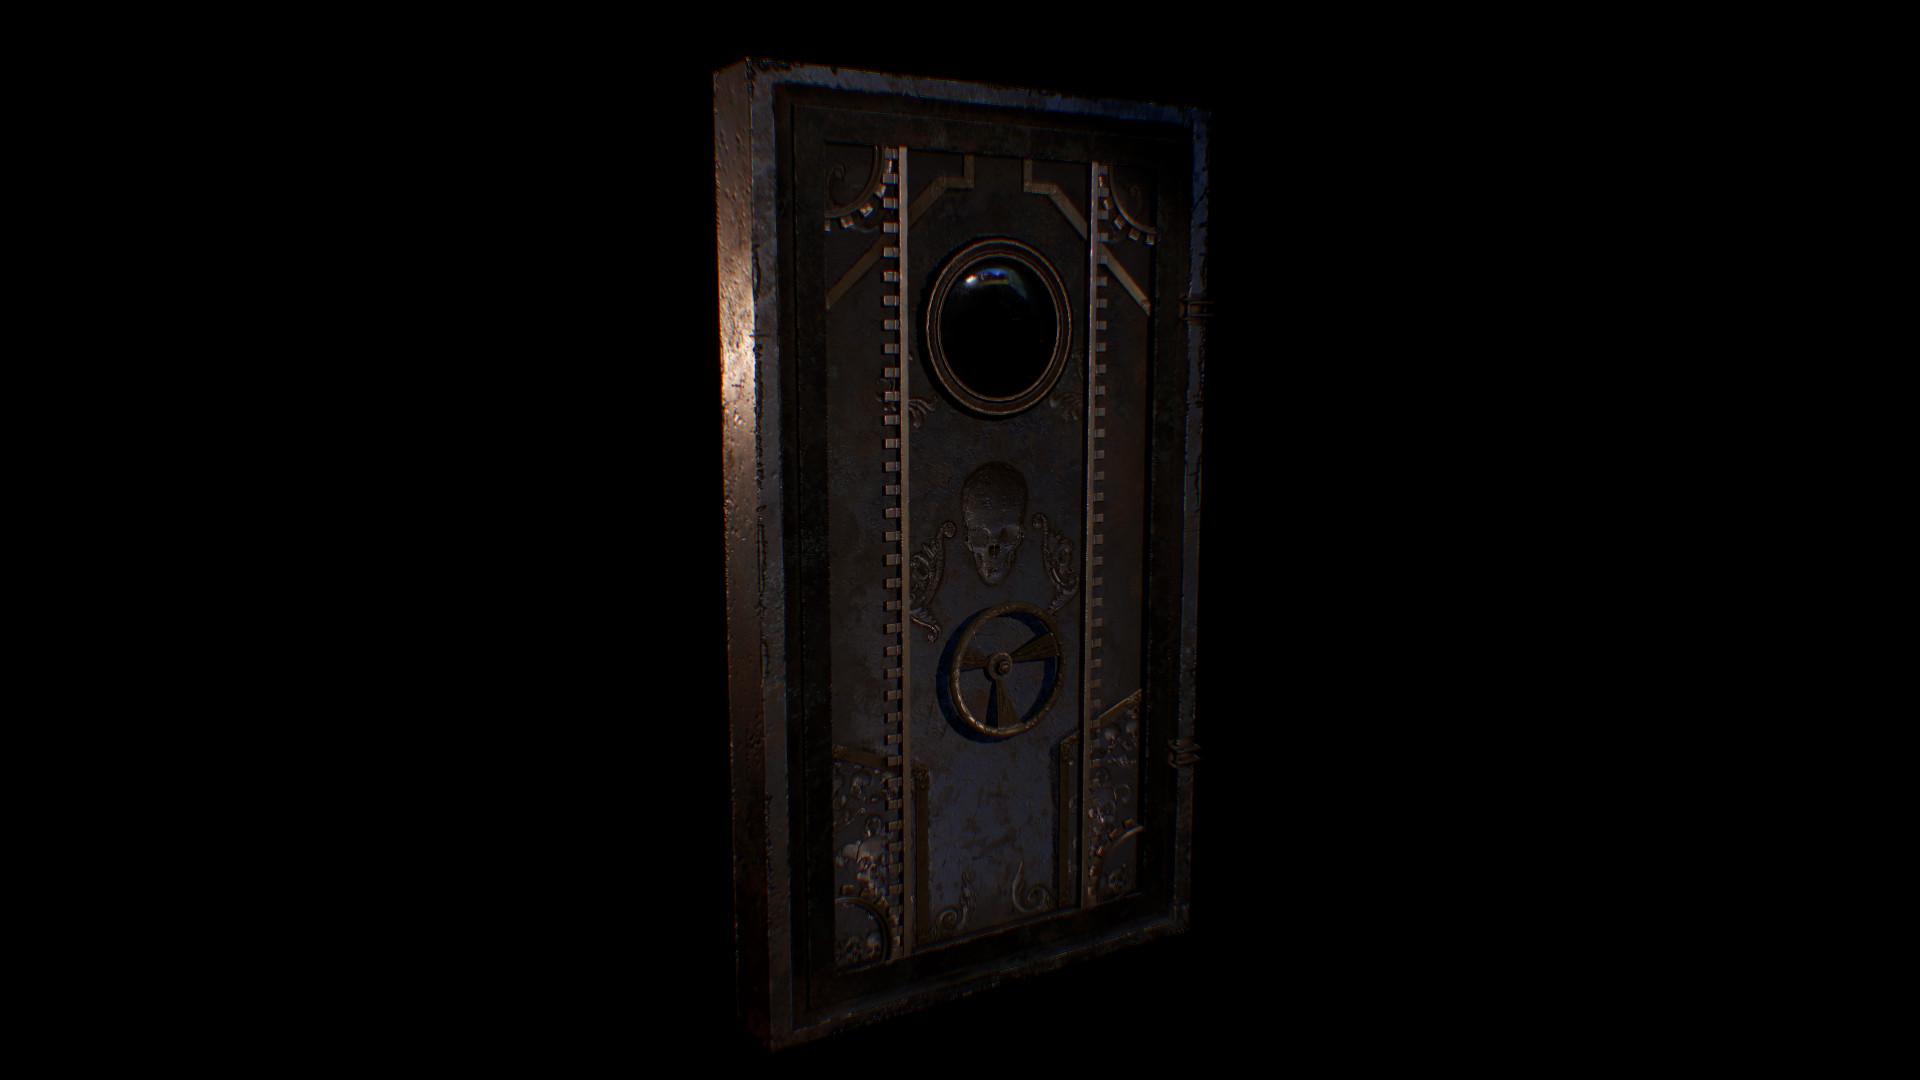 Tim hertel screenshot054 & Tim Hertel - Steampunk Door - A Story of Hope